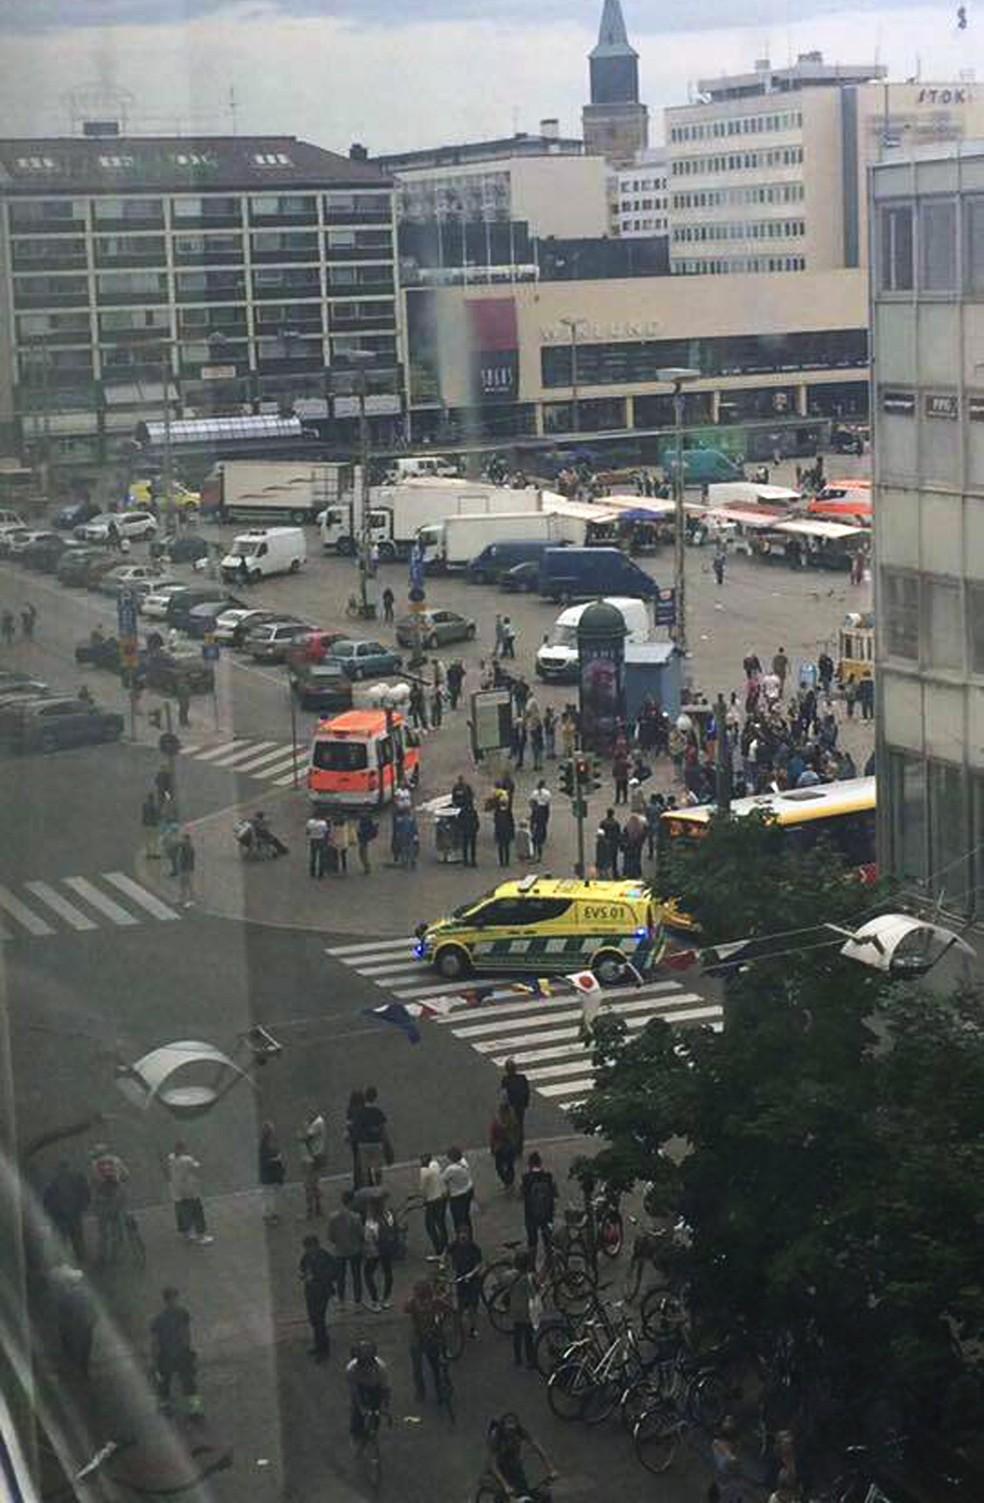 Praça central de Turku, onde ocorreu o ataque (Foto: Facebook via AP)